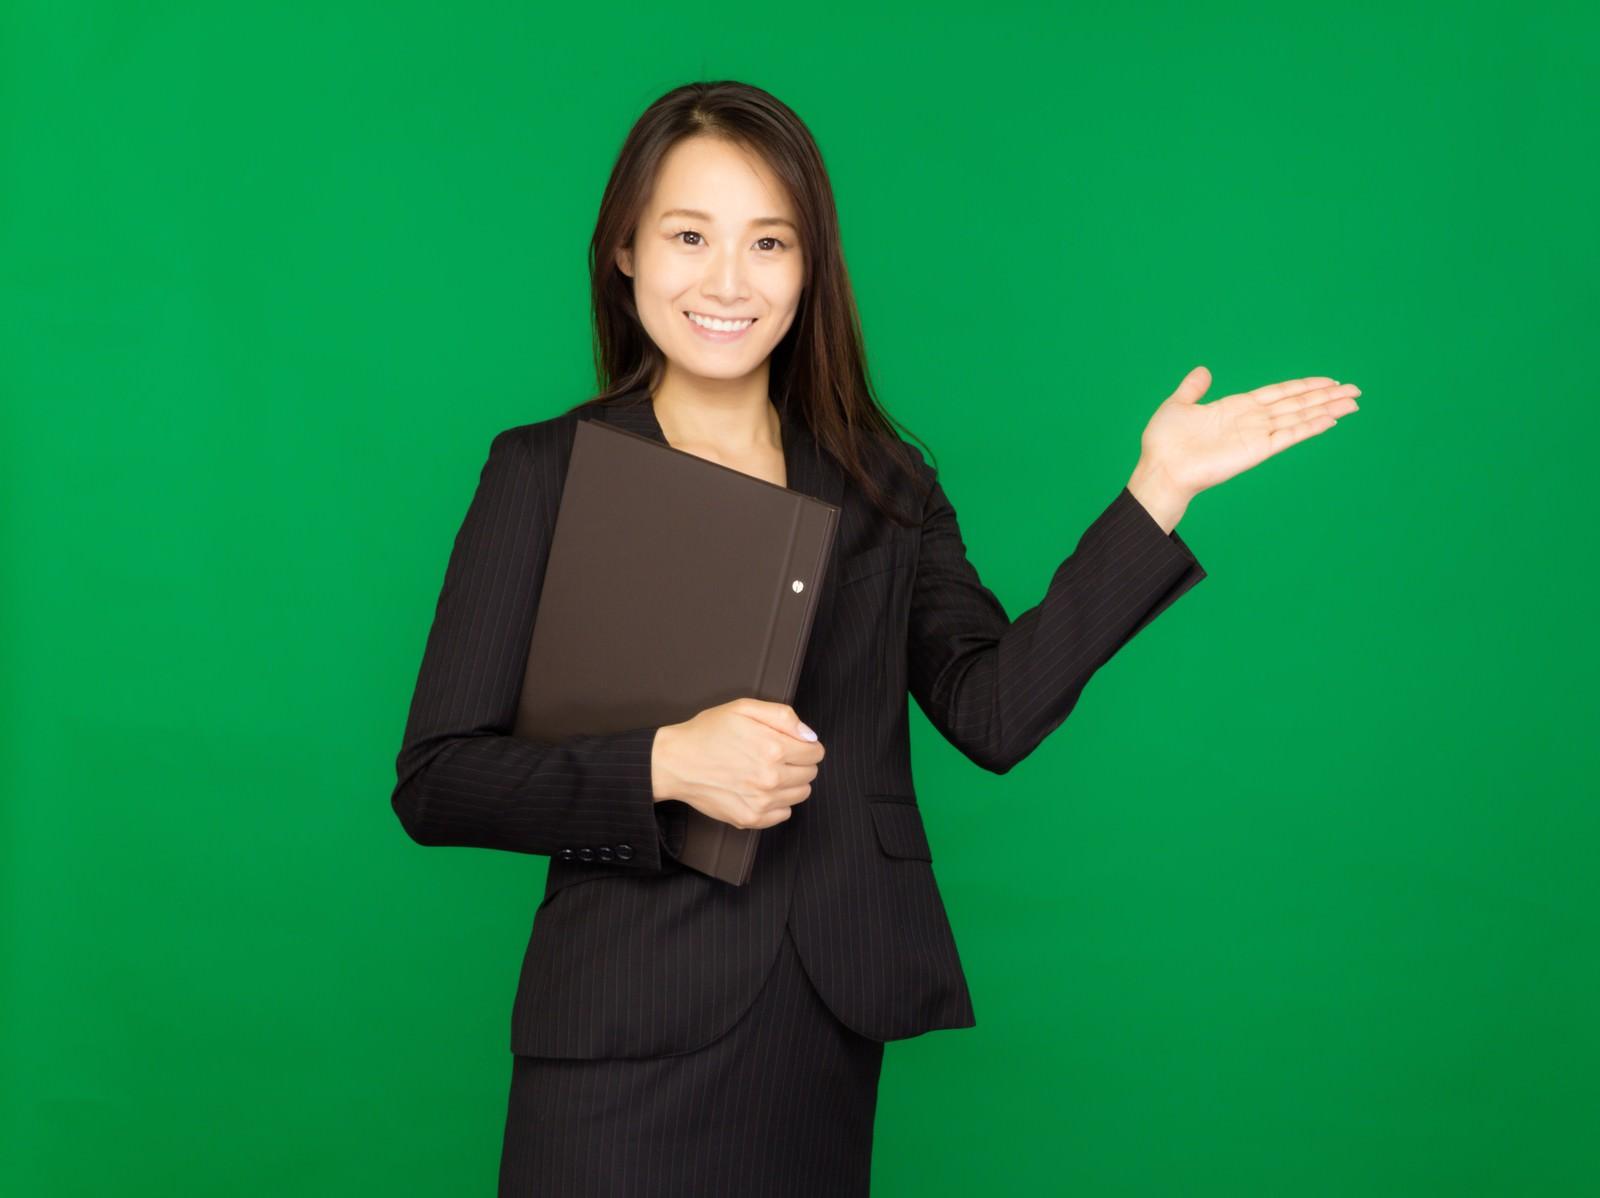 「資料をもって案内するスーツ姿の女性(グリーンバック)資料をもって案内するスーツ姿の女性(グリーンバック)」[モデル:土本寛子]のフリー写真素材を拡大